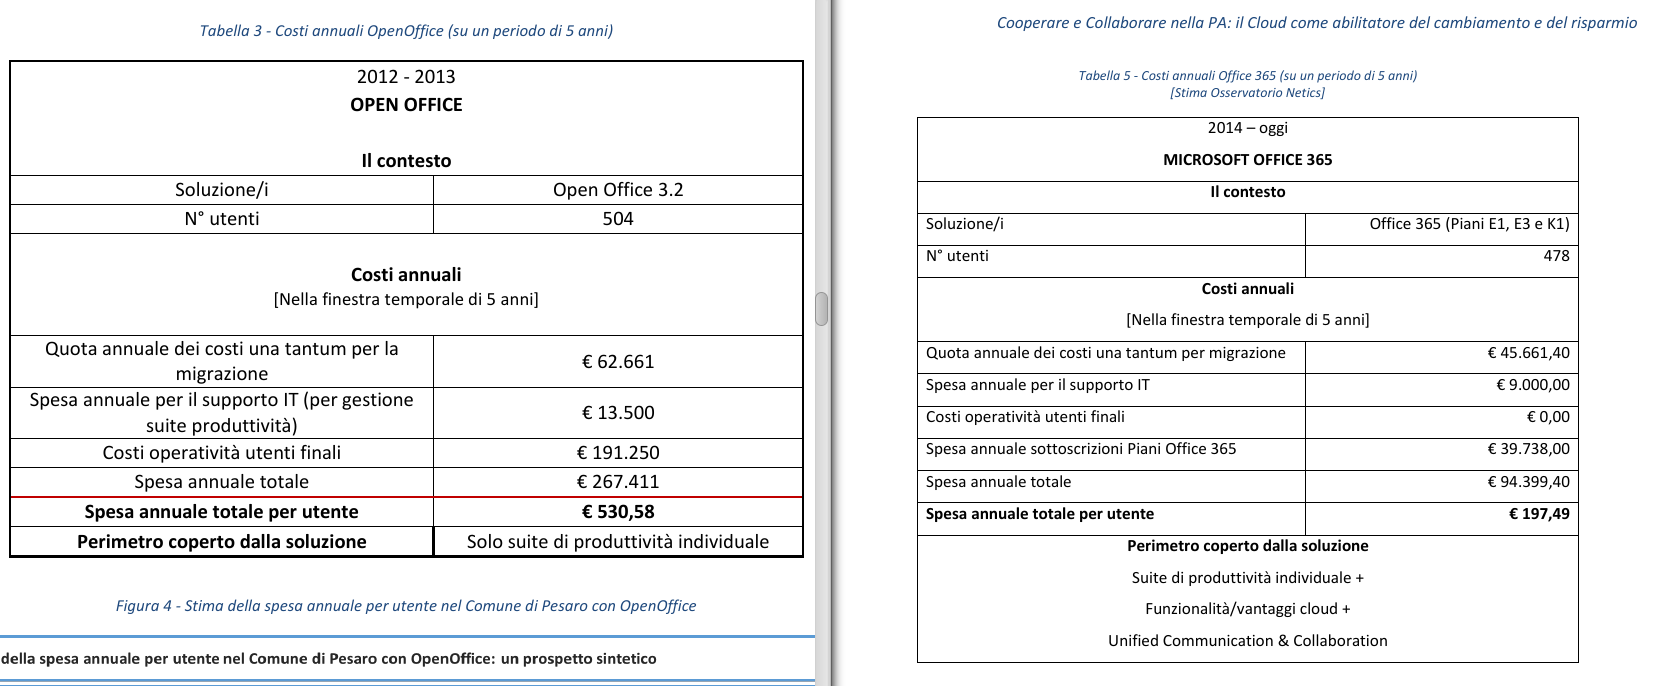 Pesaro, Microsoft e OpenOffice: prima rifacciamo il punto... /img/pesaro-confronto-costi-annuali.png